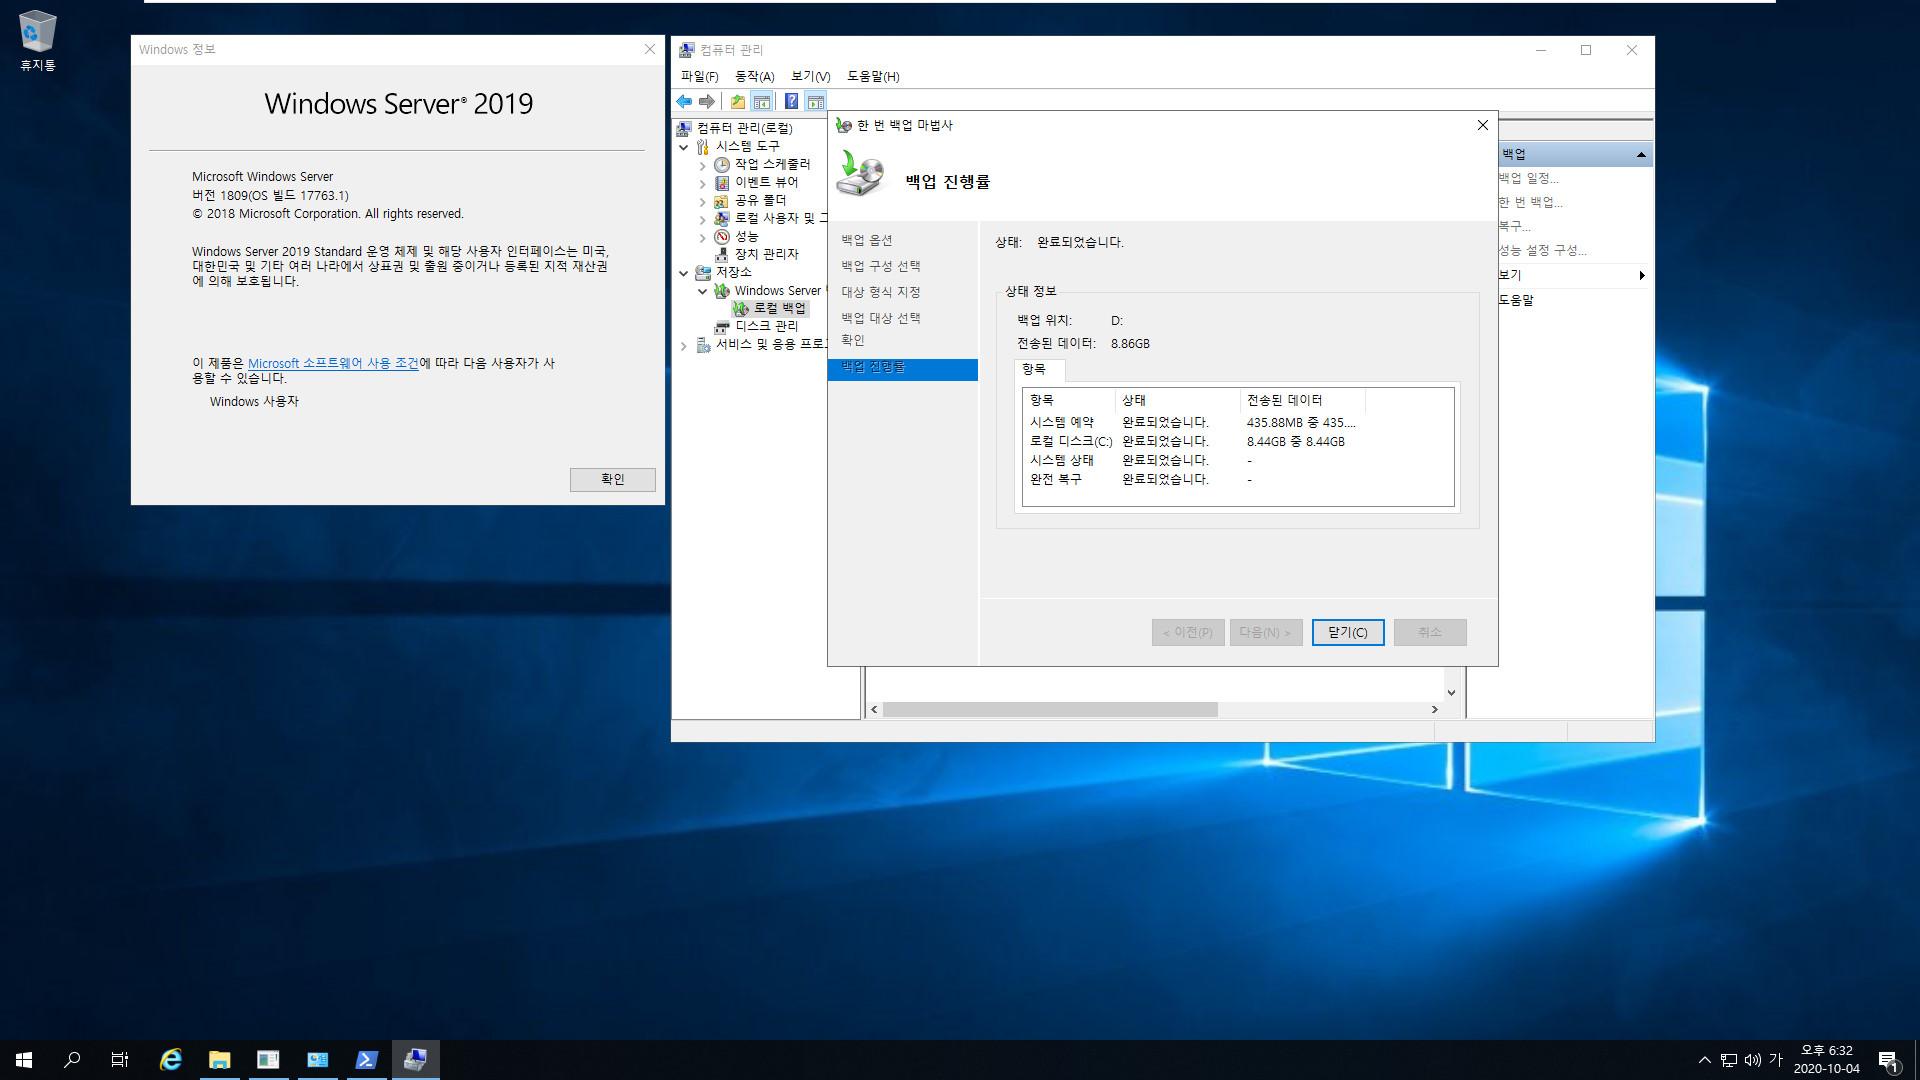 윈도우 서버군은 윈도우 사용중에도 자체 WBadmin 명령으로 윈도우 복구를 합니다 - Windows Server 2019로 복구 테스트 2020-10-04_183217.jpg